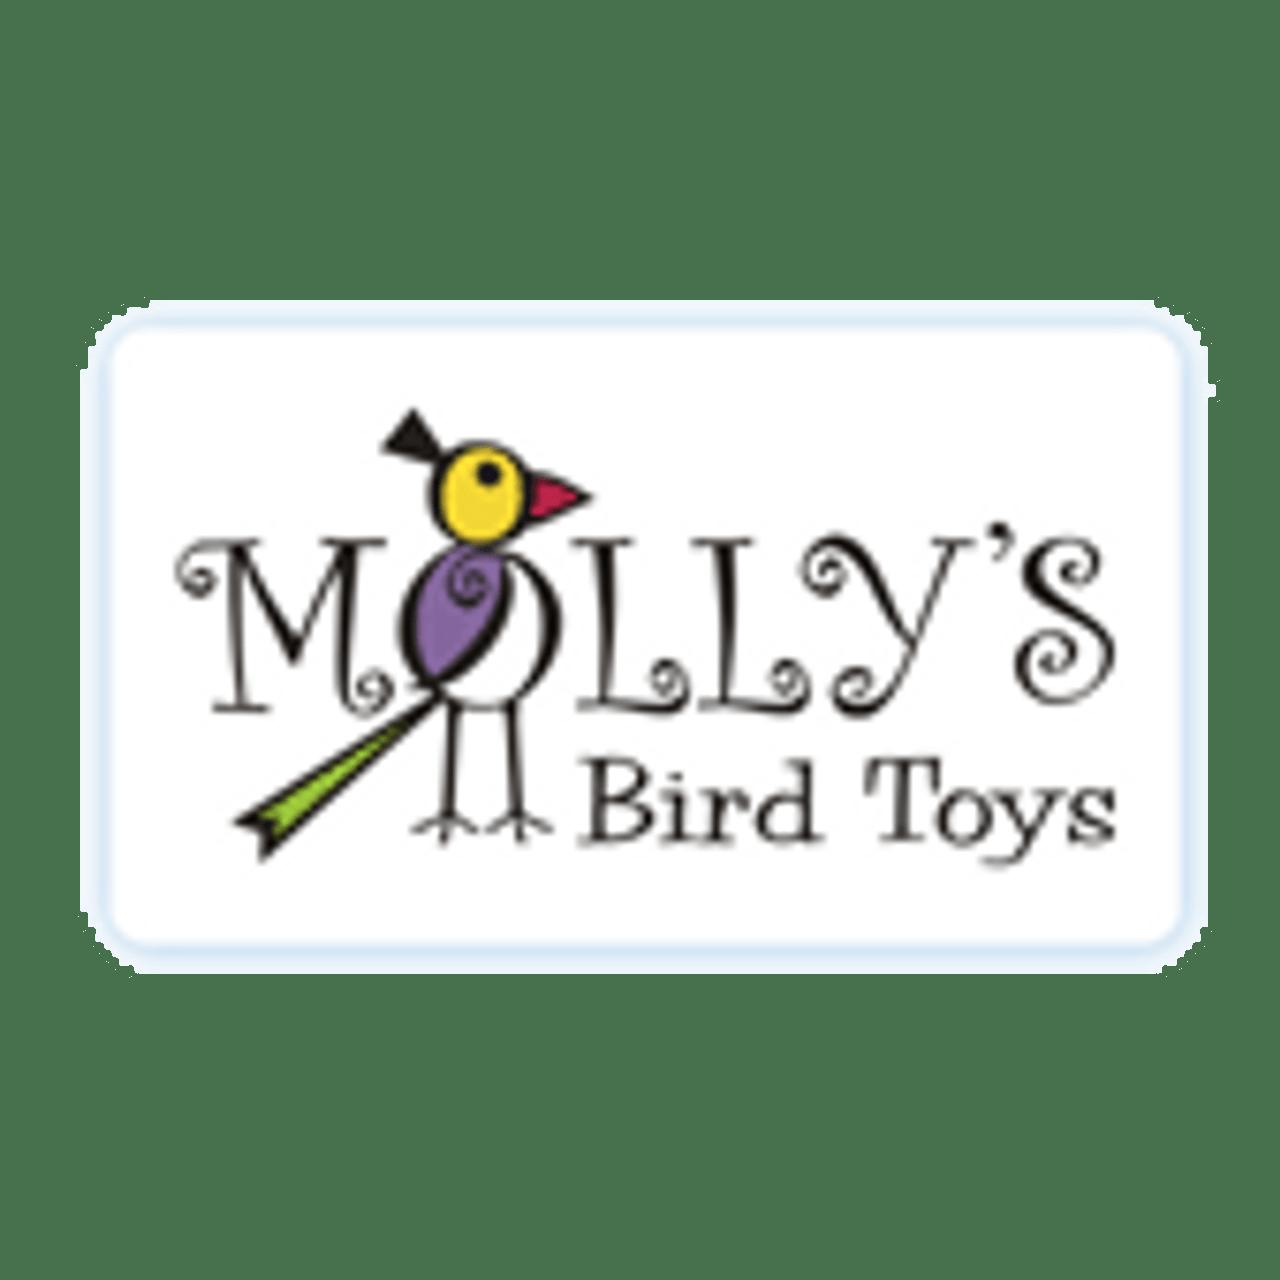 Molly's Bird Toys